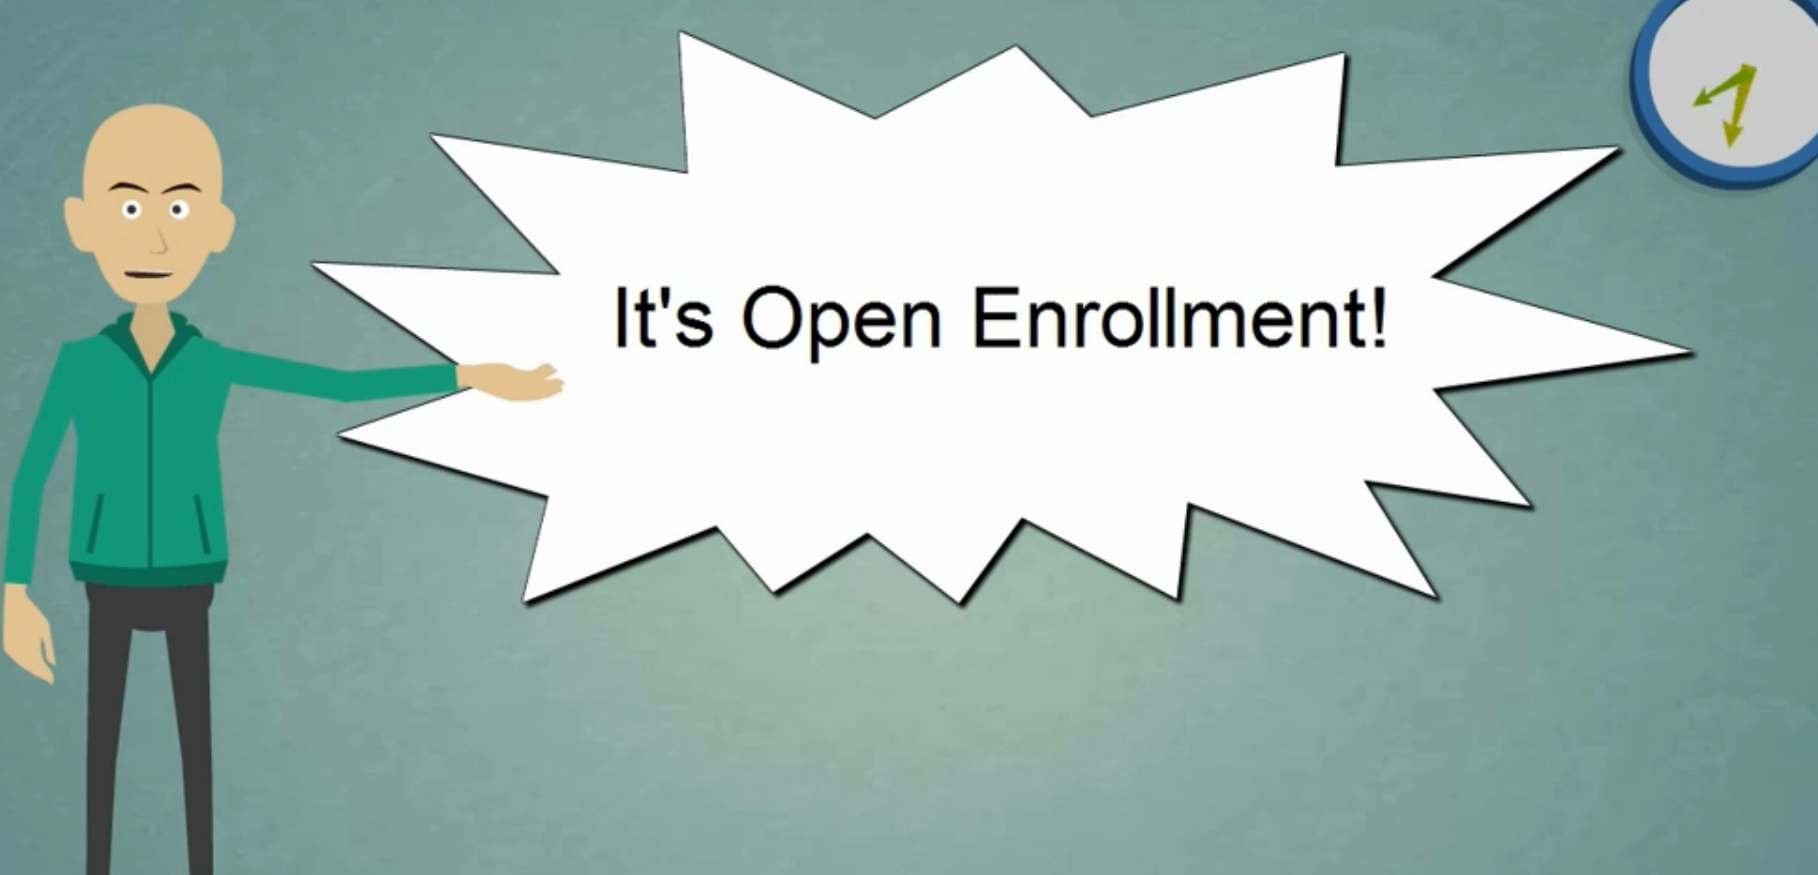 Enrollment Clip Art.